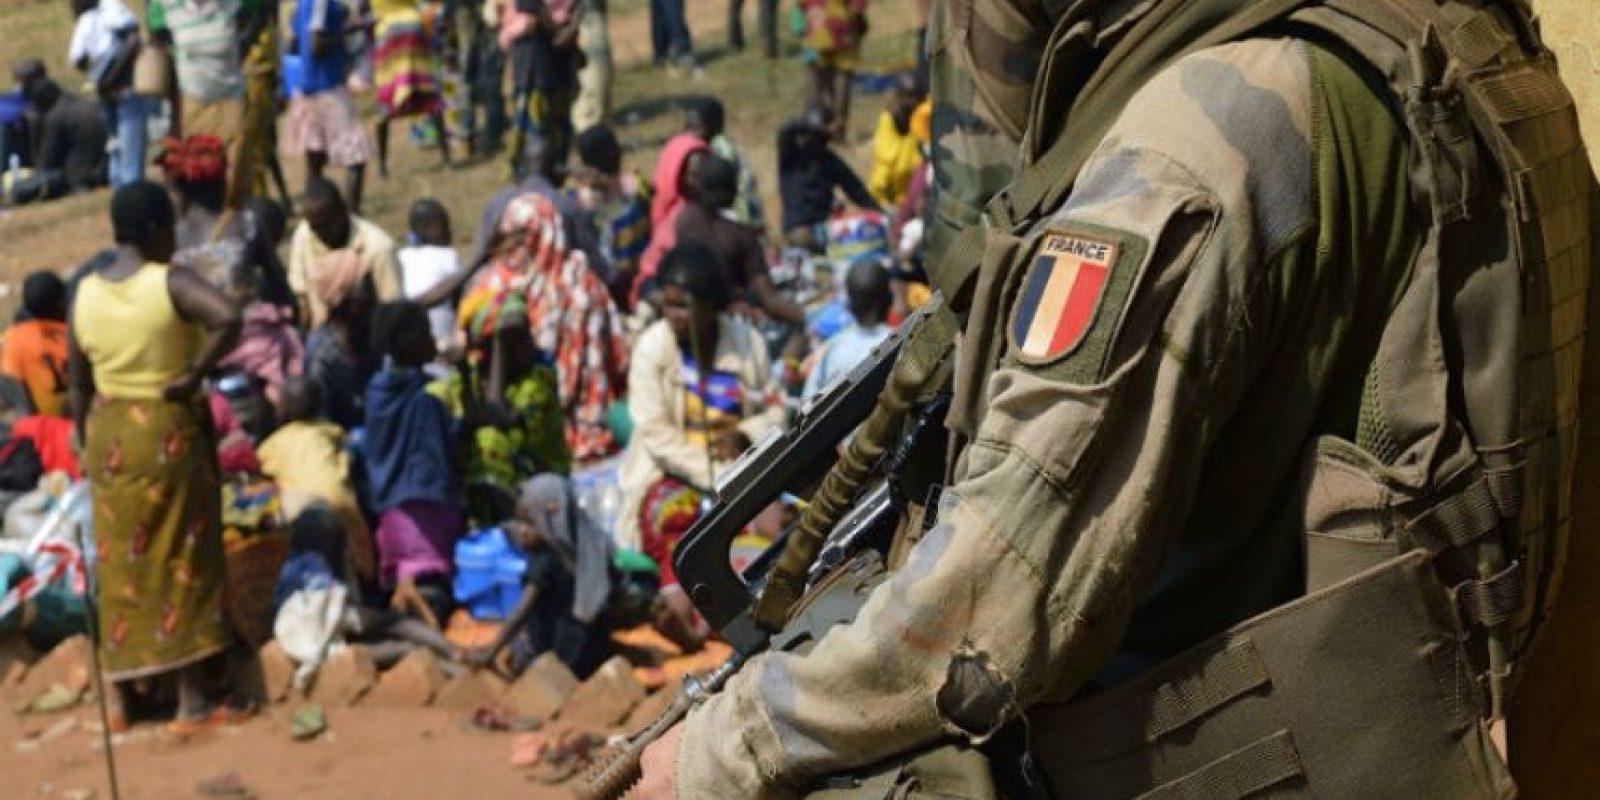 El ejército francés, acostumbrado a intervenir en África, se enfrenta a un escándalo potencialmente devastador en la República Centroafricana. Foto:AFP